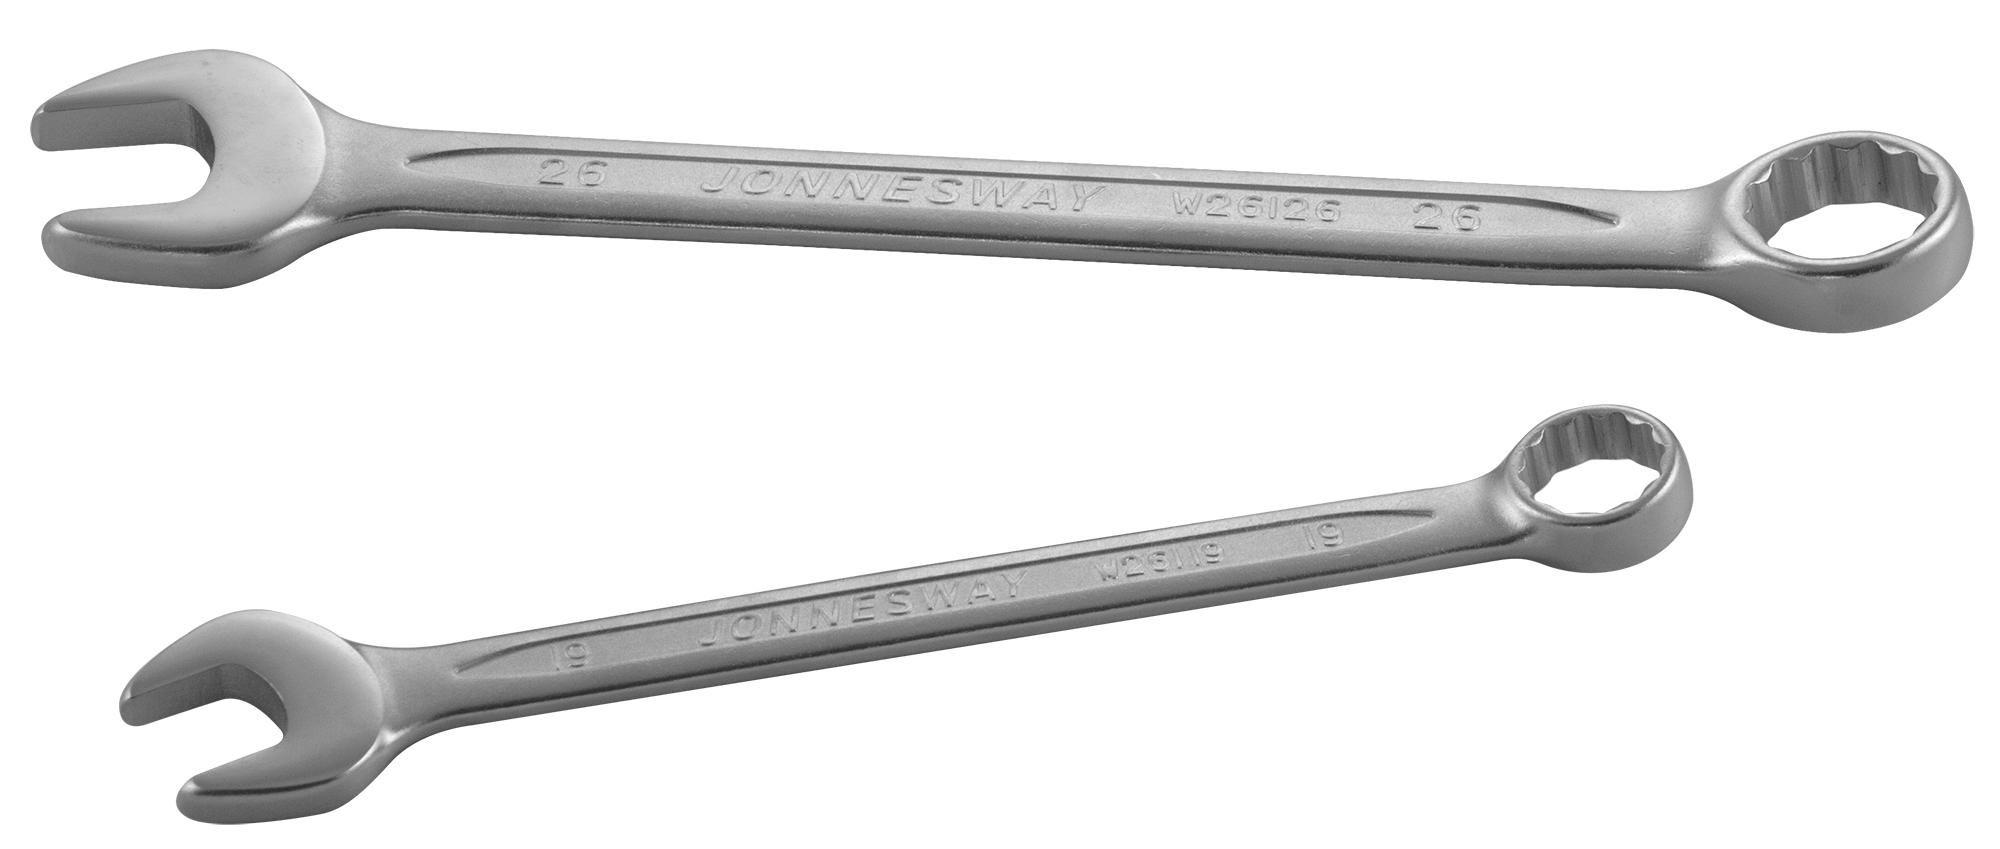 Ключ гаечный комбинированный 36х36 Jonnesway W26136 (36 мм)